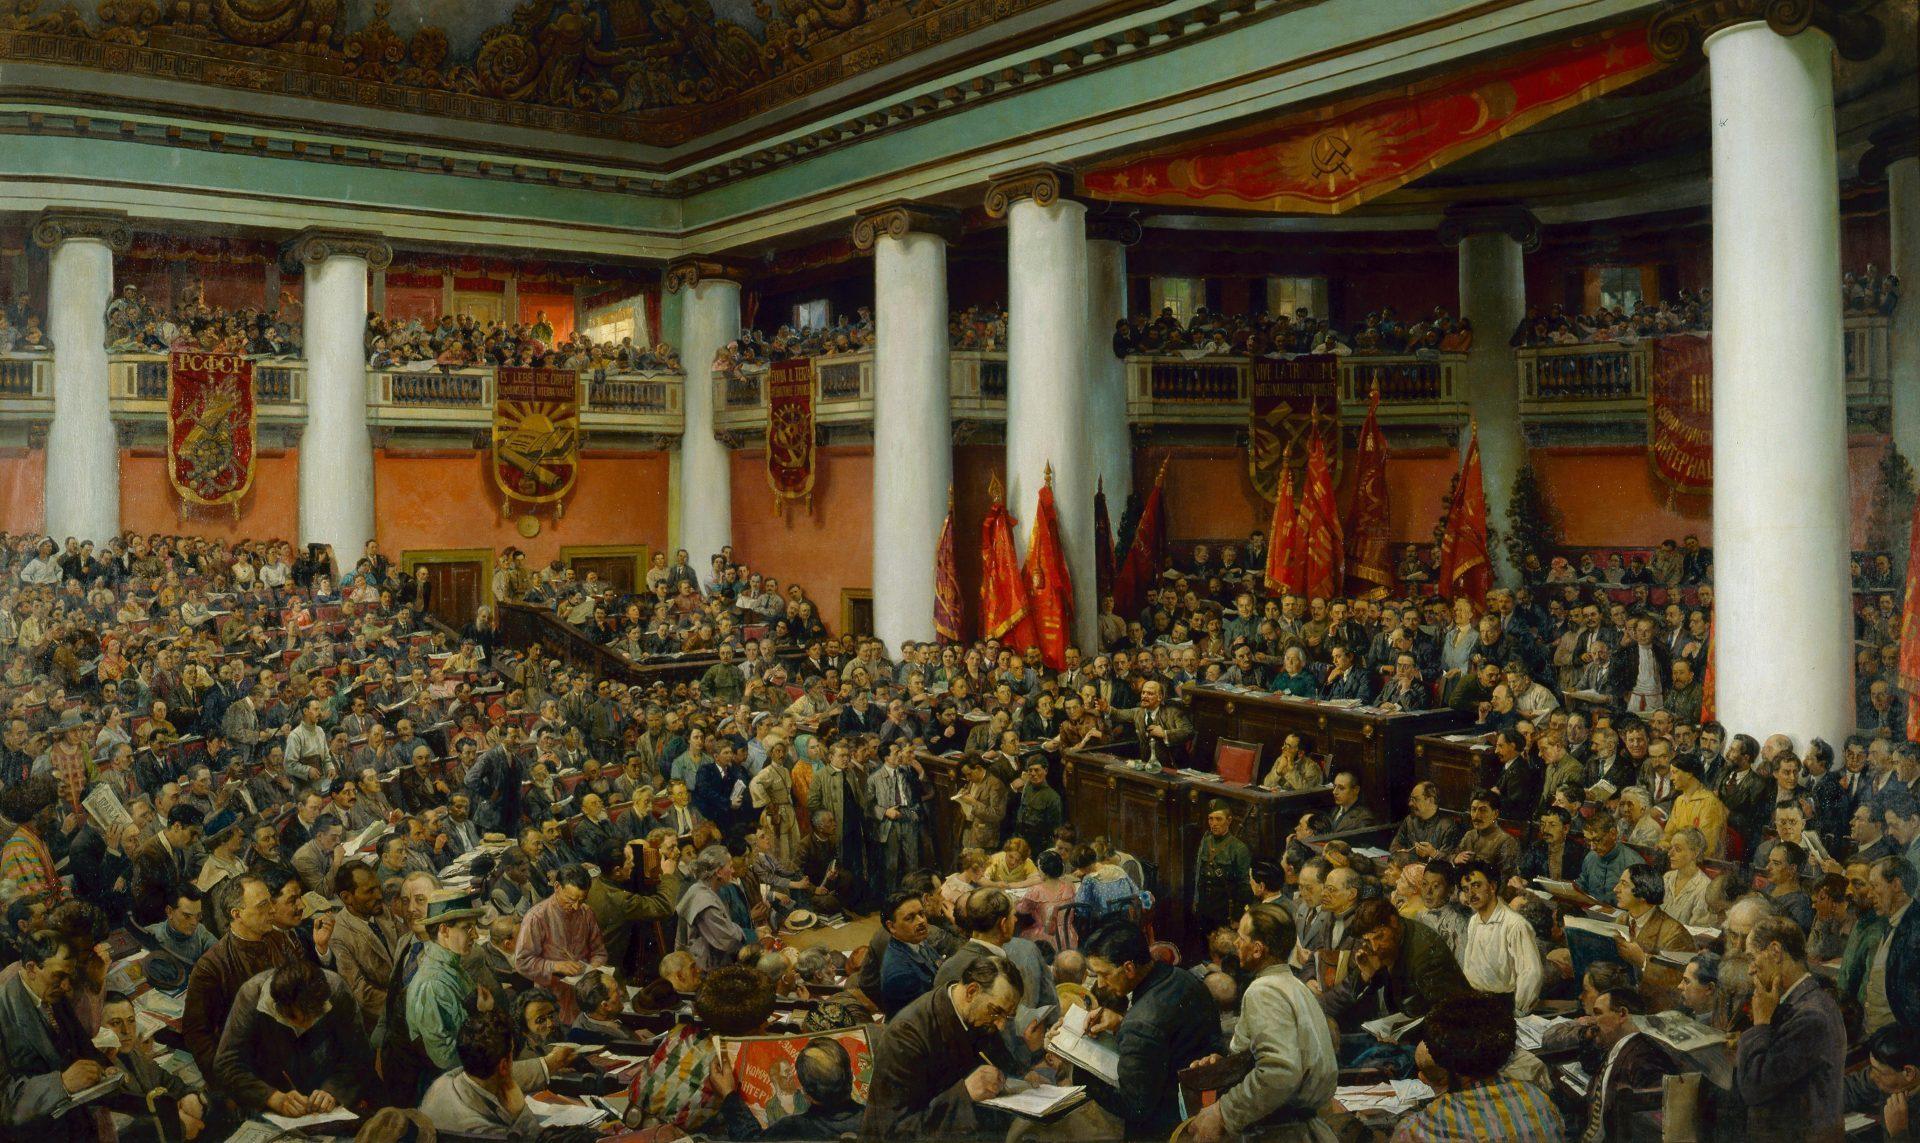 Feierliche Eröff nung des II. Kongresses der Komintern Isaak I Brodski (1883-1939), Sowjetunion, 1924 © Staatliches Historisches Museum, Moskau